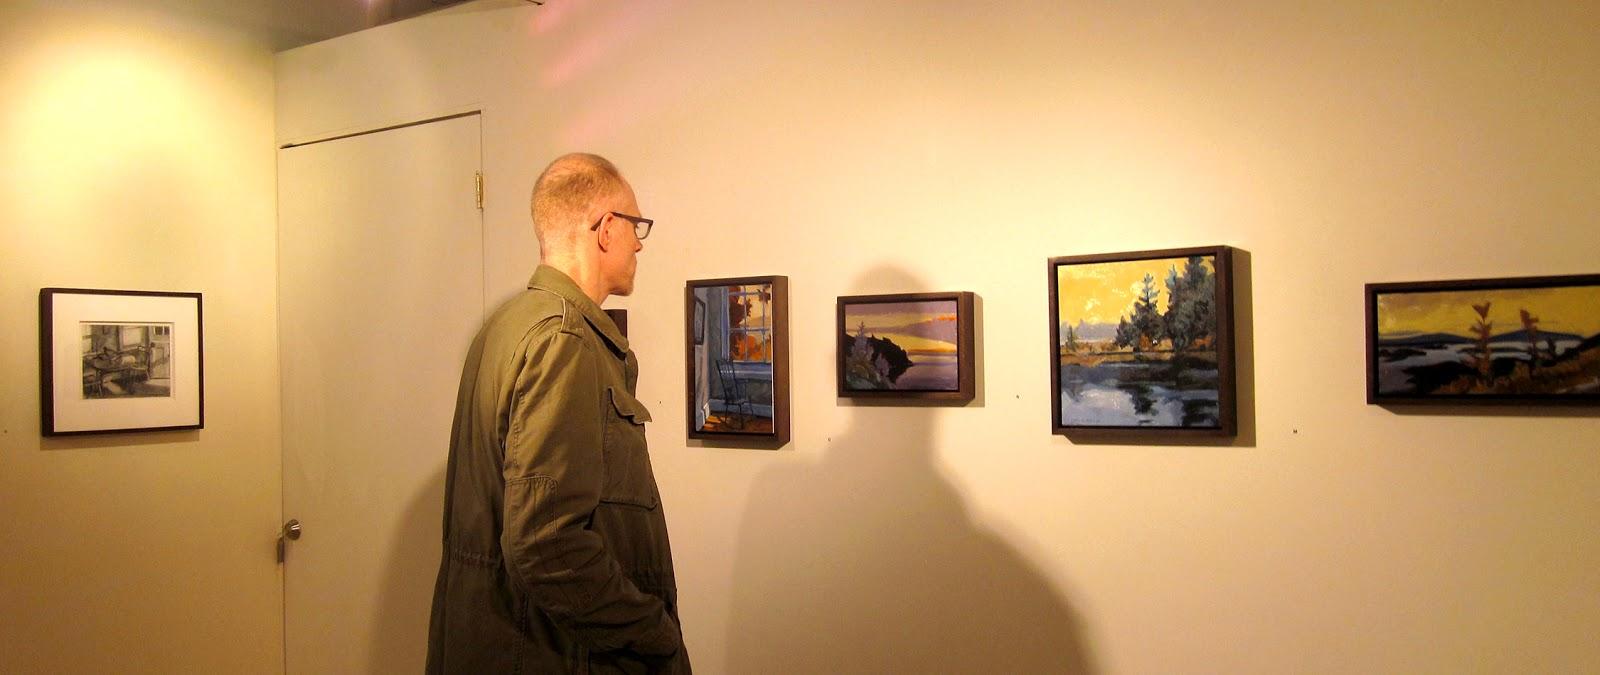 Philip Koch Paintings: December 2012